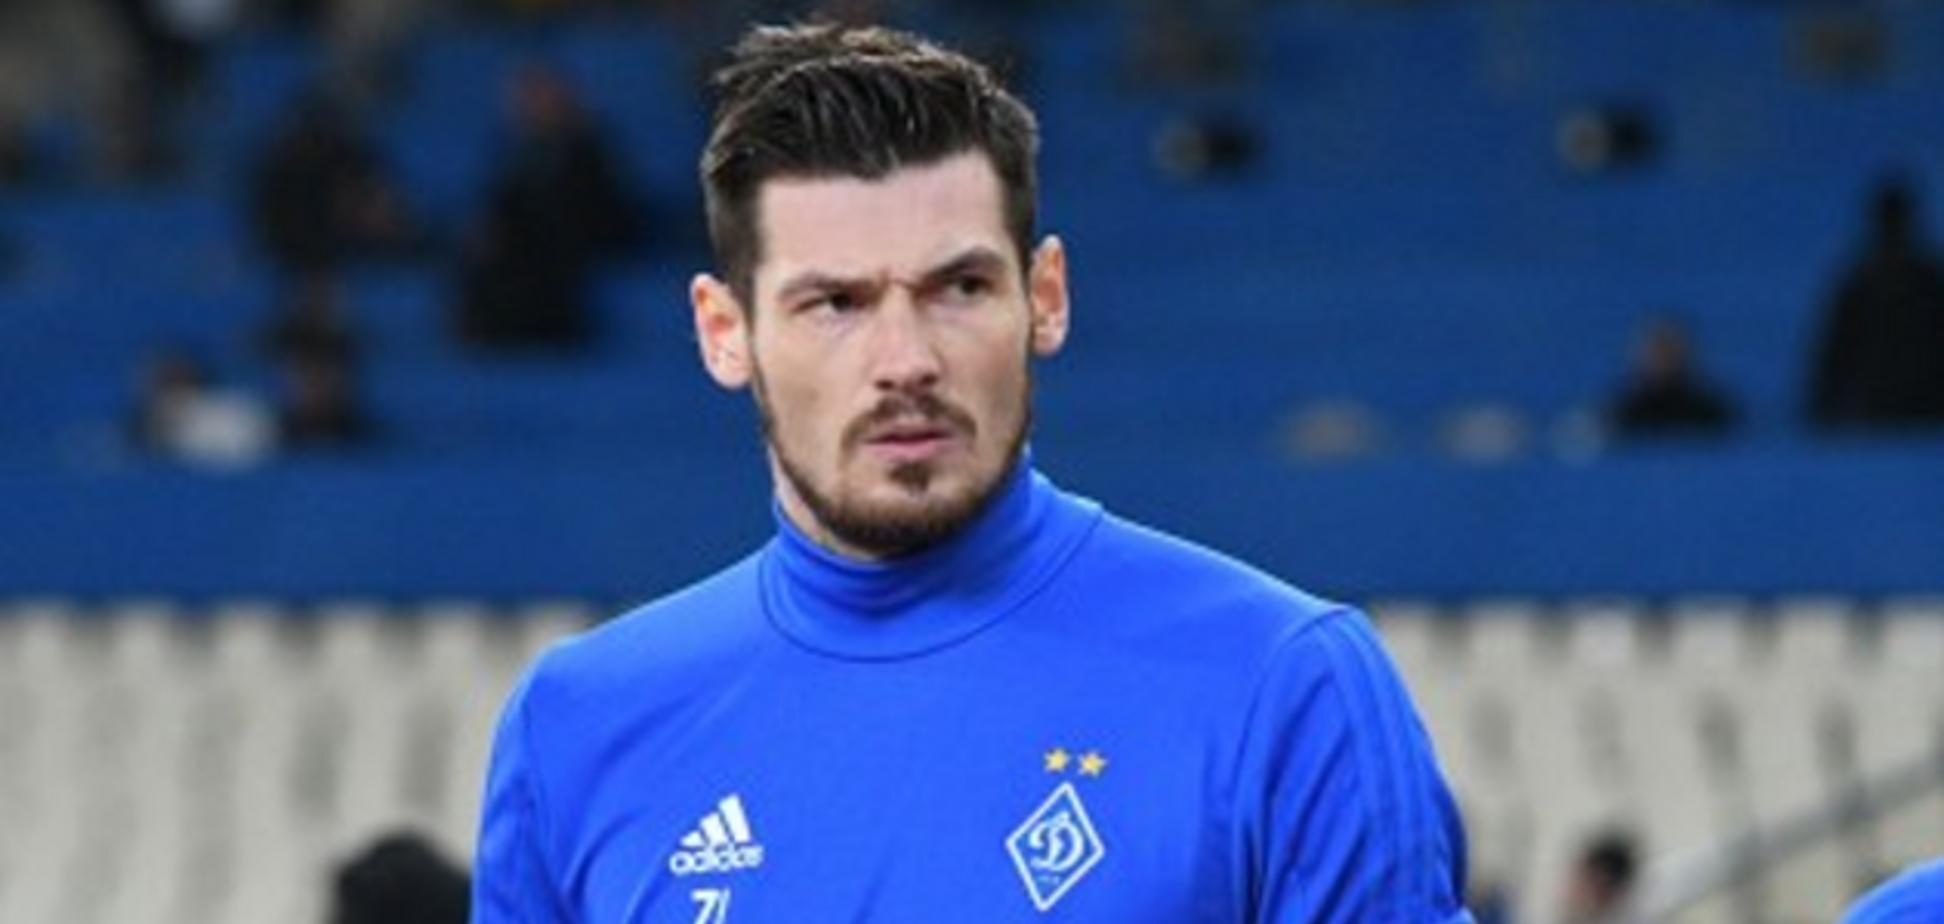 'Мне тоже х**во!' Вратарь 'Динамо' жестко осадил фанатов после фиаско в Лиге Европы